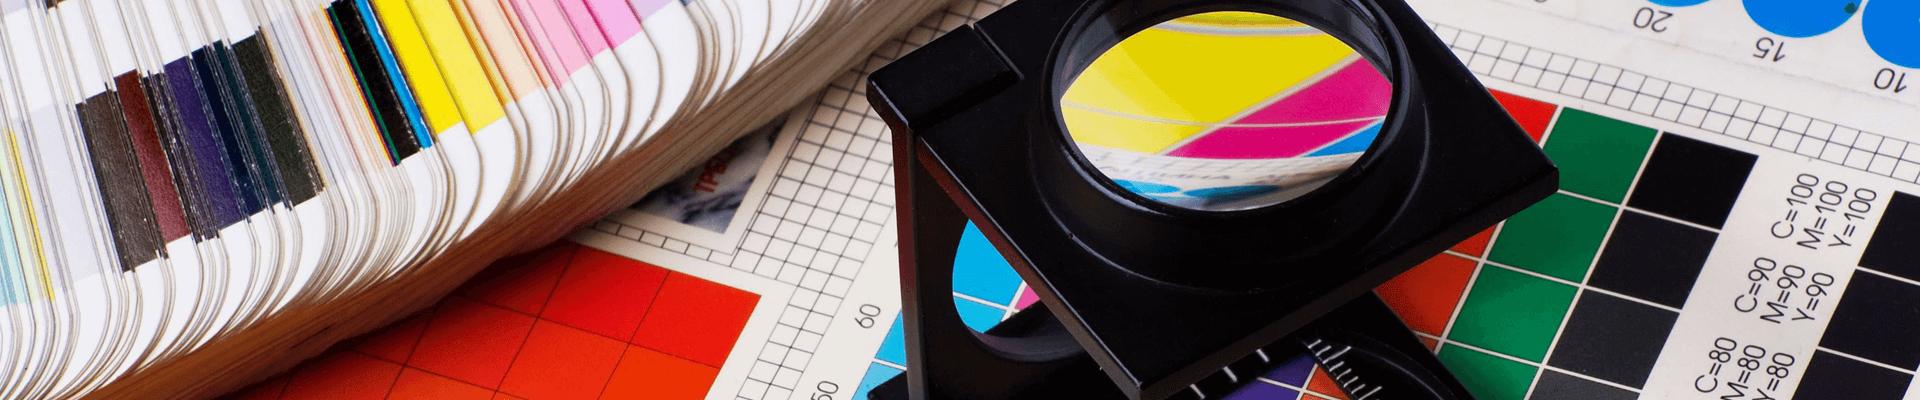 bureautique solutions d'impression gestion électronique des documents